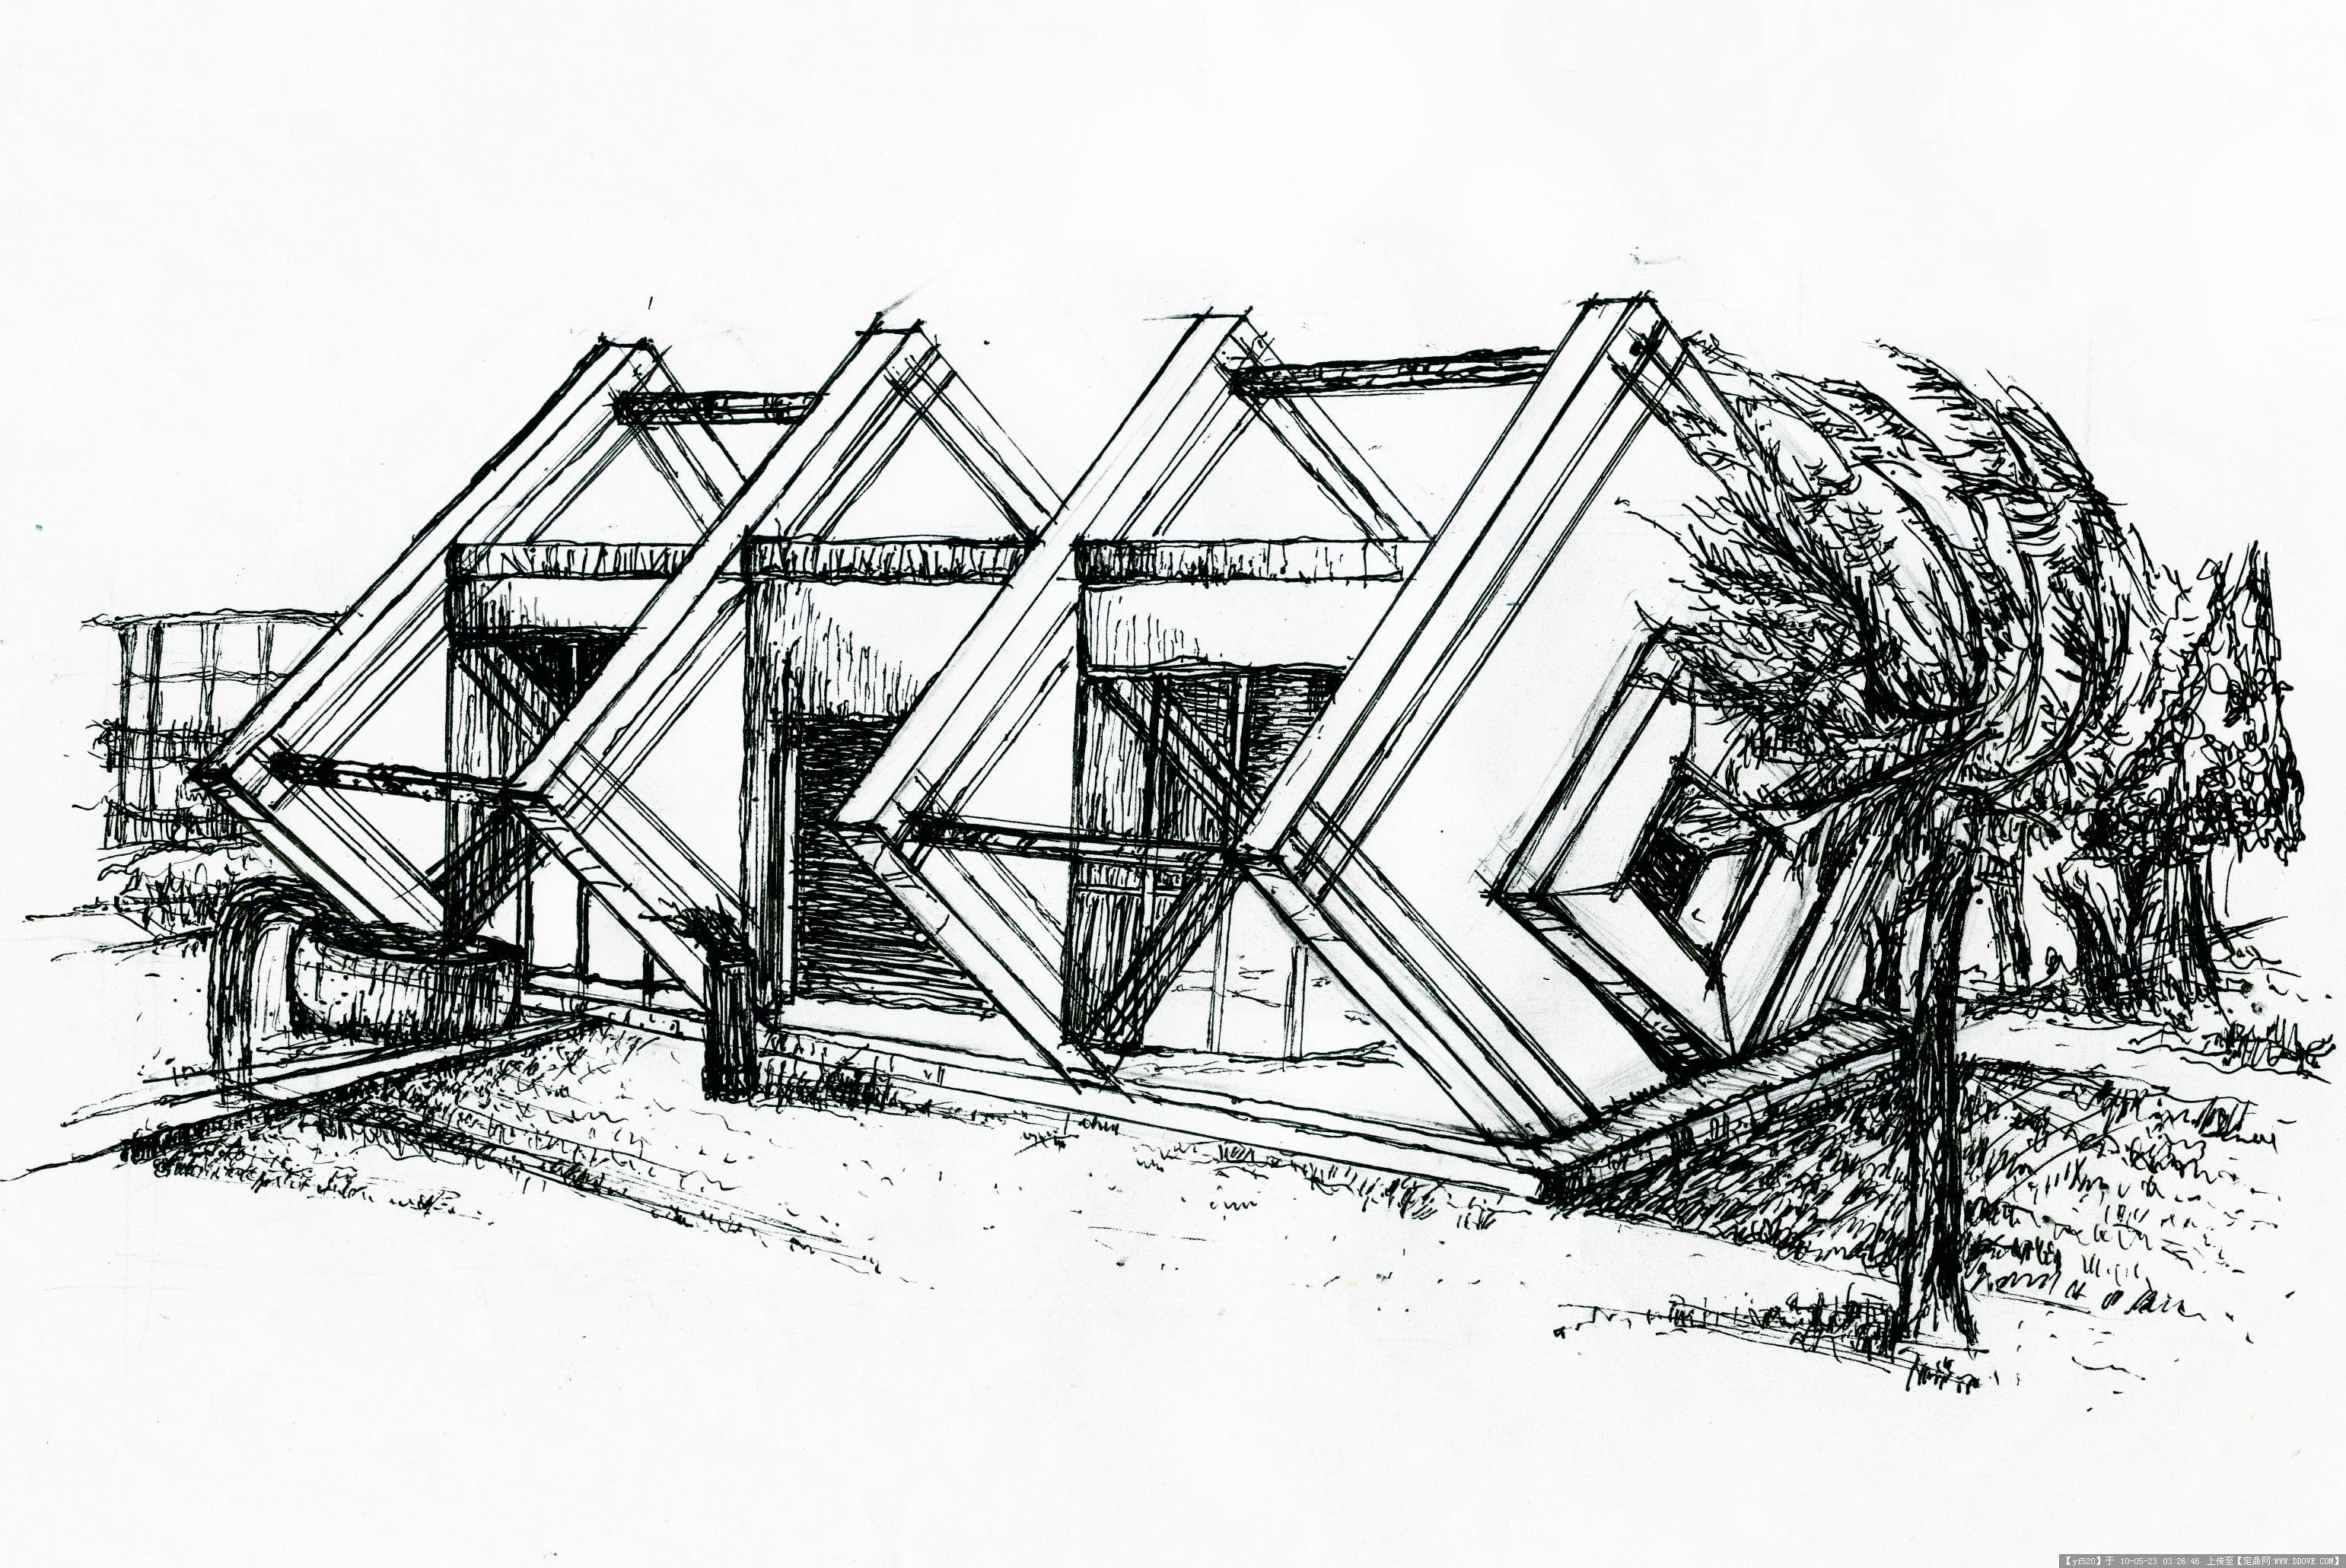 国外建筑手绘临摹素材